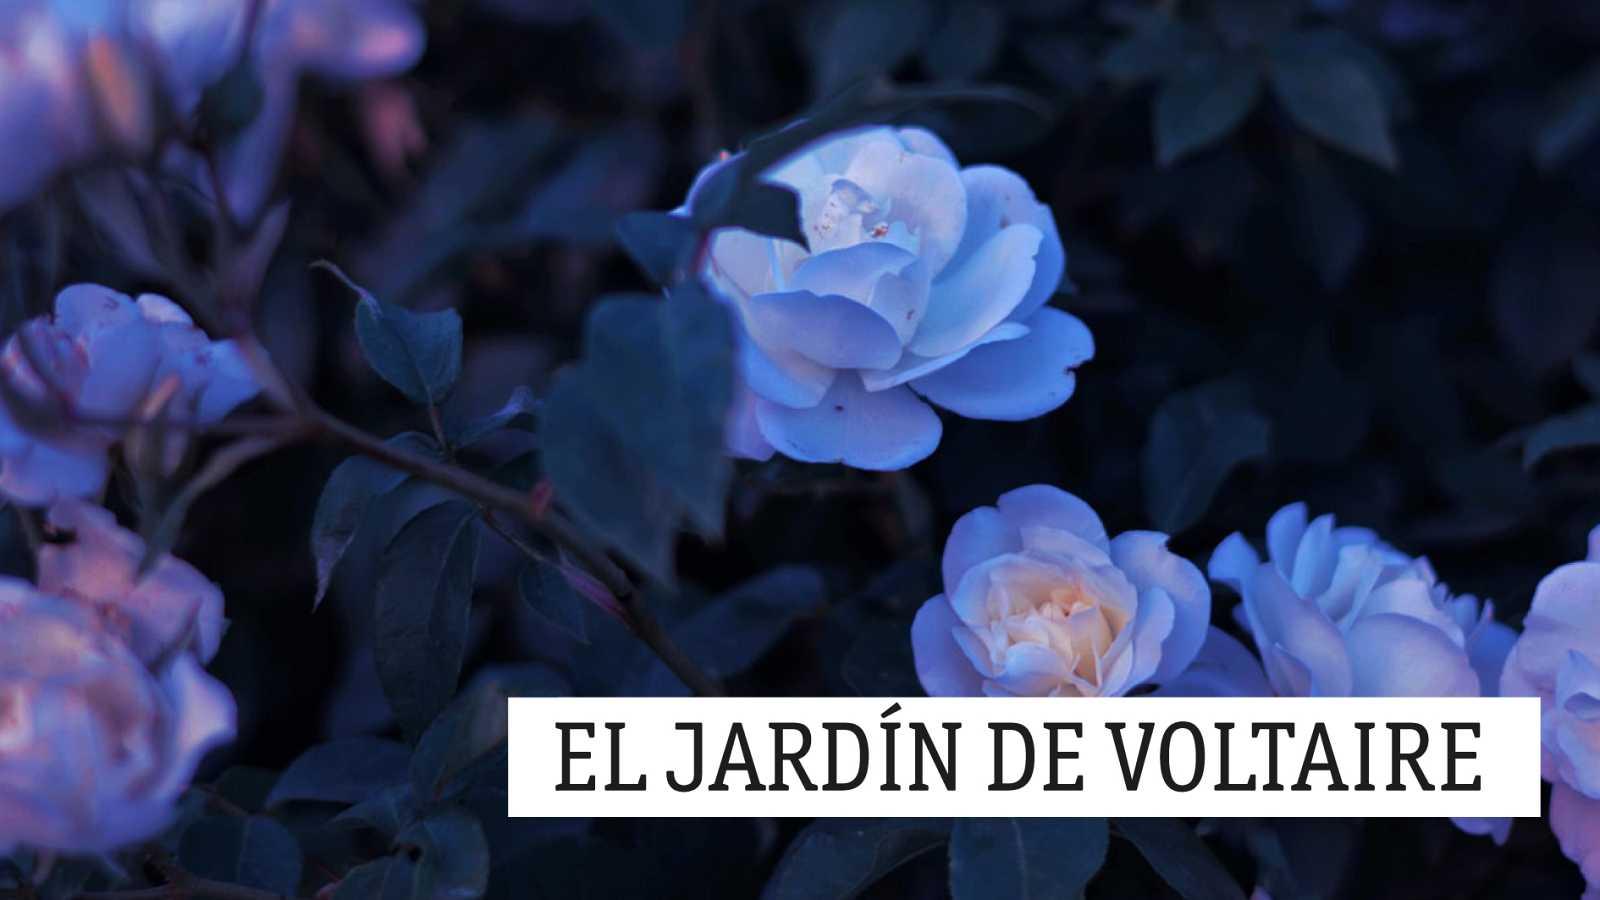 El jardín de Voltaire - Vuelta a los clásicos - 15/09/20 - escuchar ahora